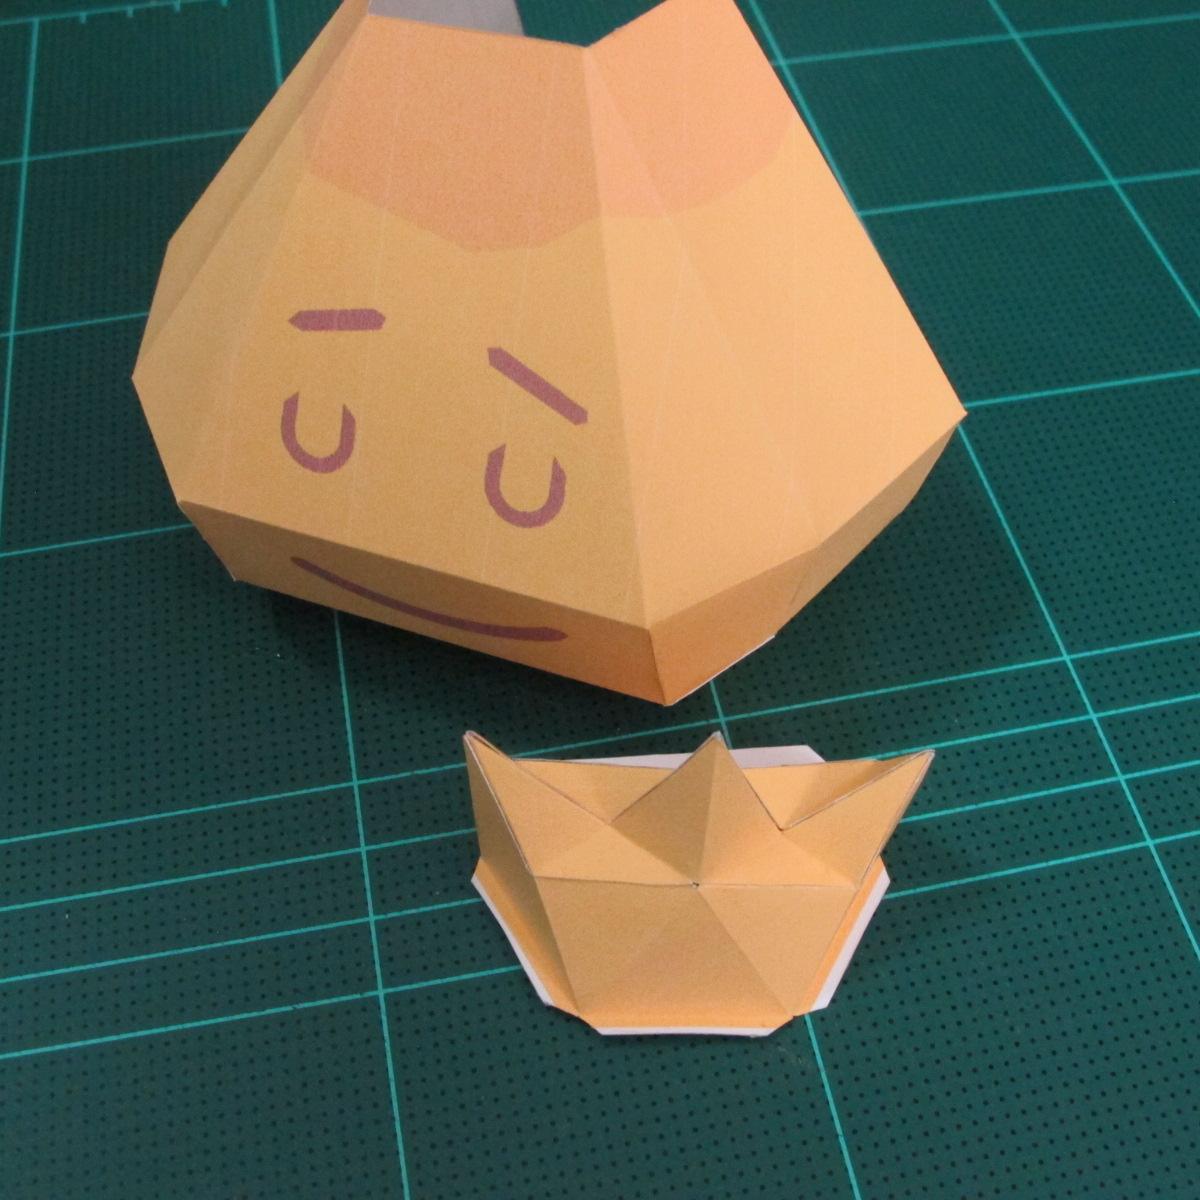 วิธีทำโมเดลกระดาษตุ้กตาสัตว์เลี้ยง หยดทองจากเกมส์ คุกกี้รัน (LINE Cookie Run Gold Drop Papercraft Model - クッキーラン  「黄金ドロップ」 ペーパークラフト) 014